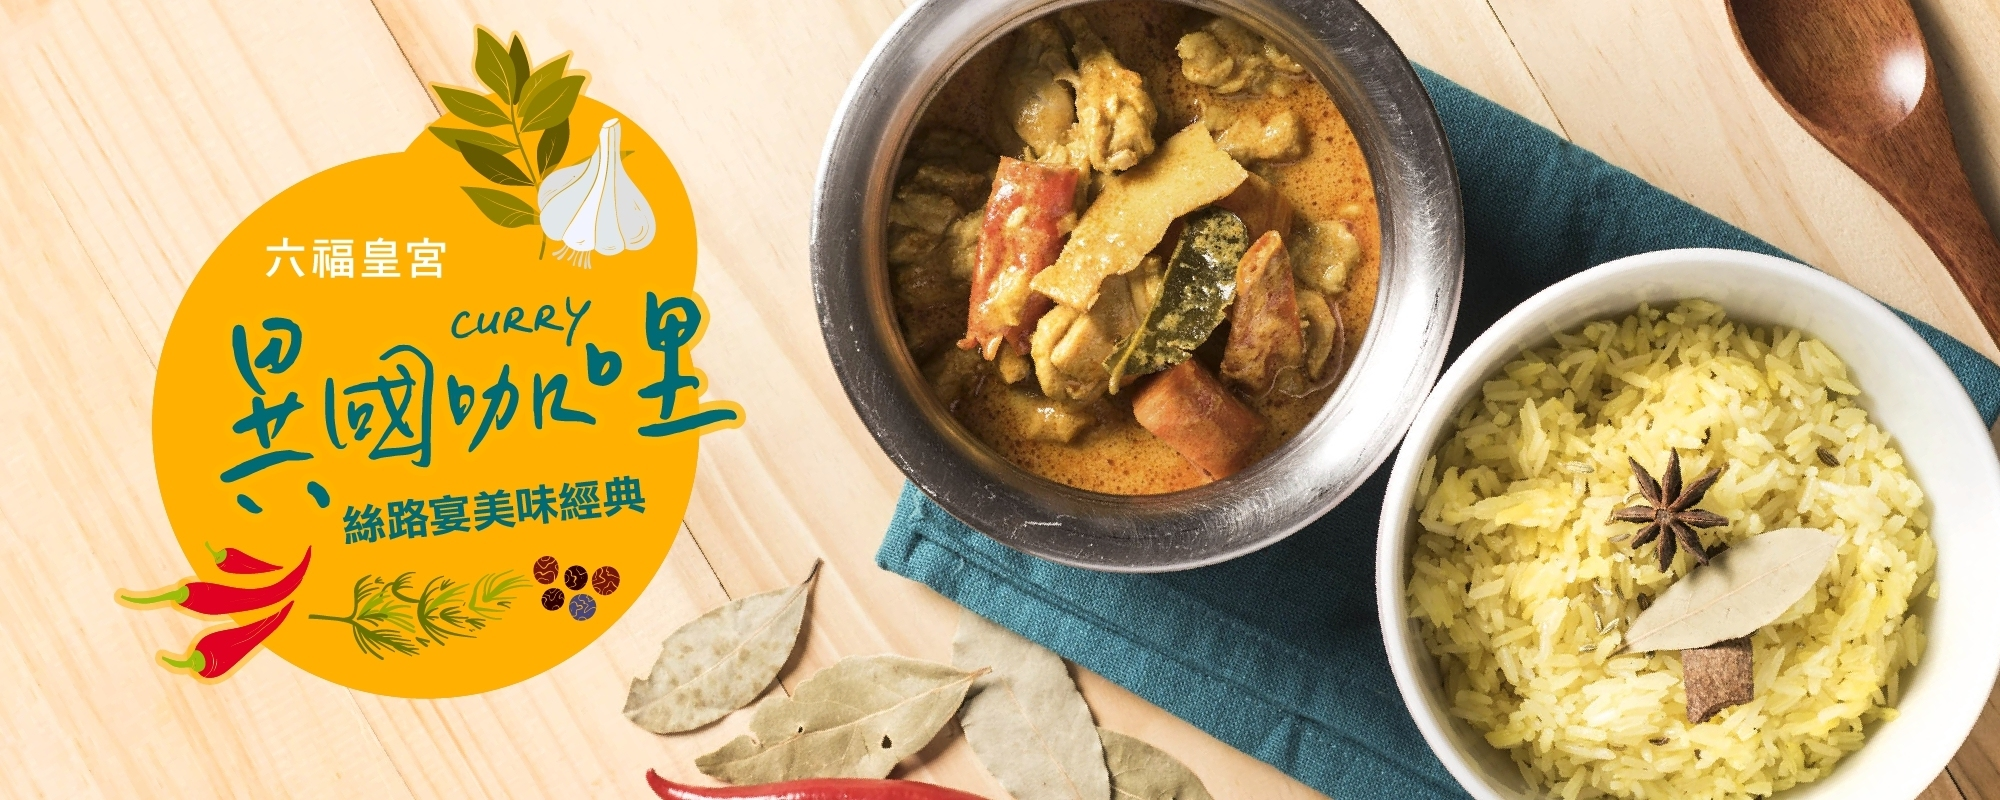 原六福皇宮絲路宴異國咖哩 咖哩牛/咖哩雞 開胃下飯最佳選擇